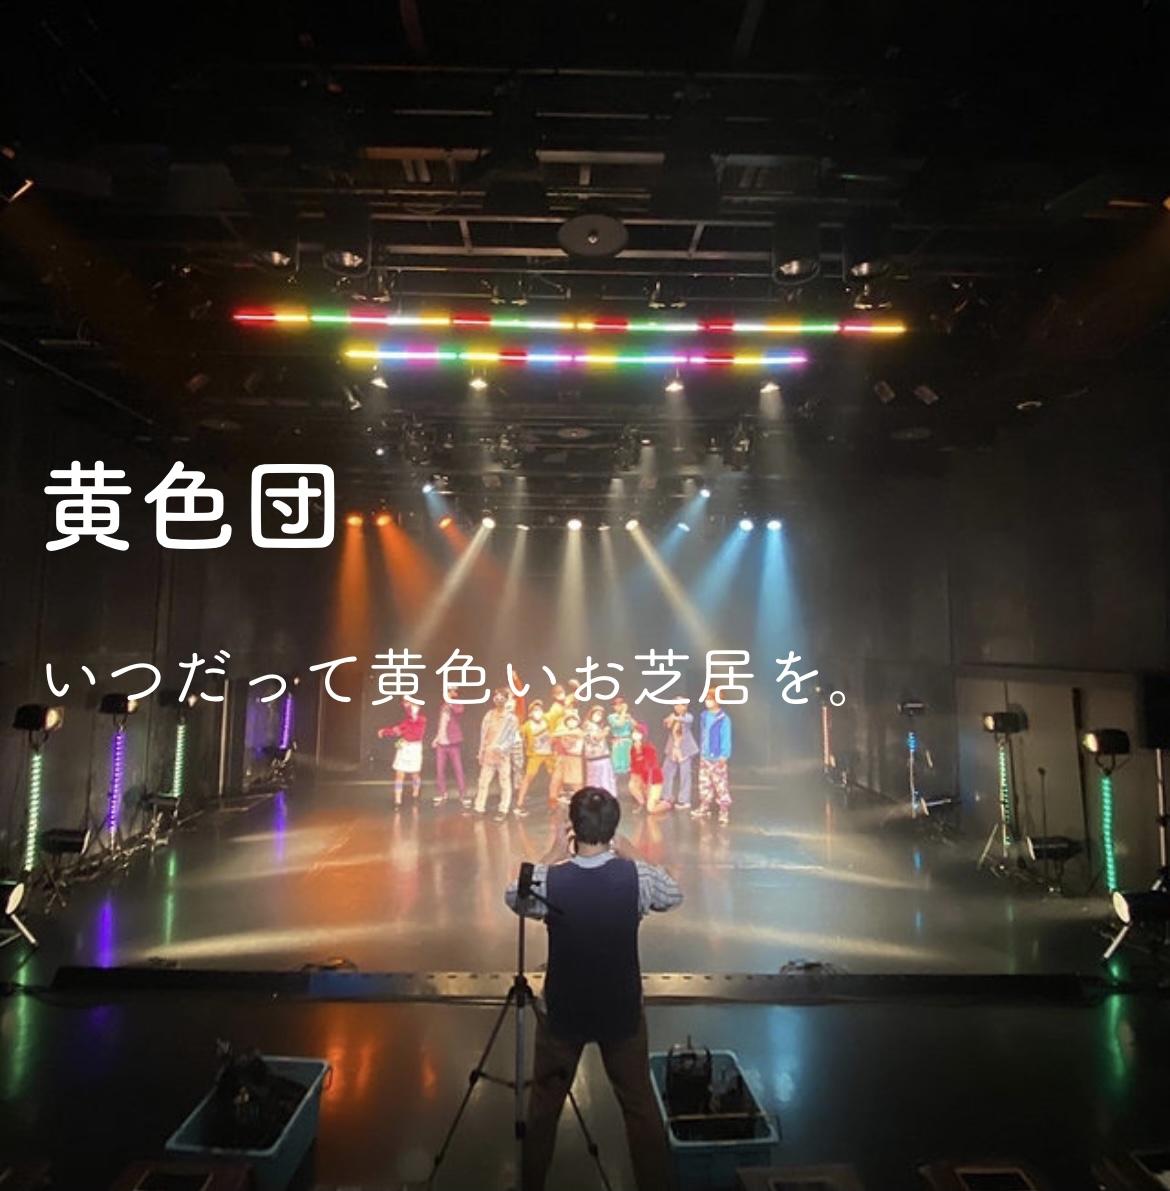 オーディション [大阪]黄色団2022年2月公演「バス・ストップ」出演者募集 「黄色いお芝居」を一緒に作りませんか? 主催:黄色団、カテゴリ:舞台